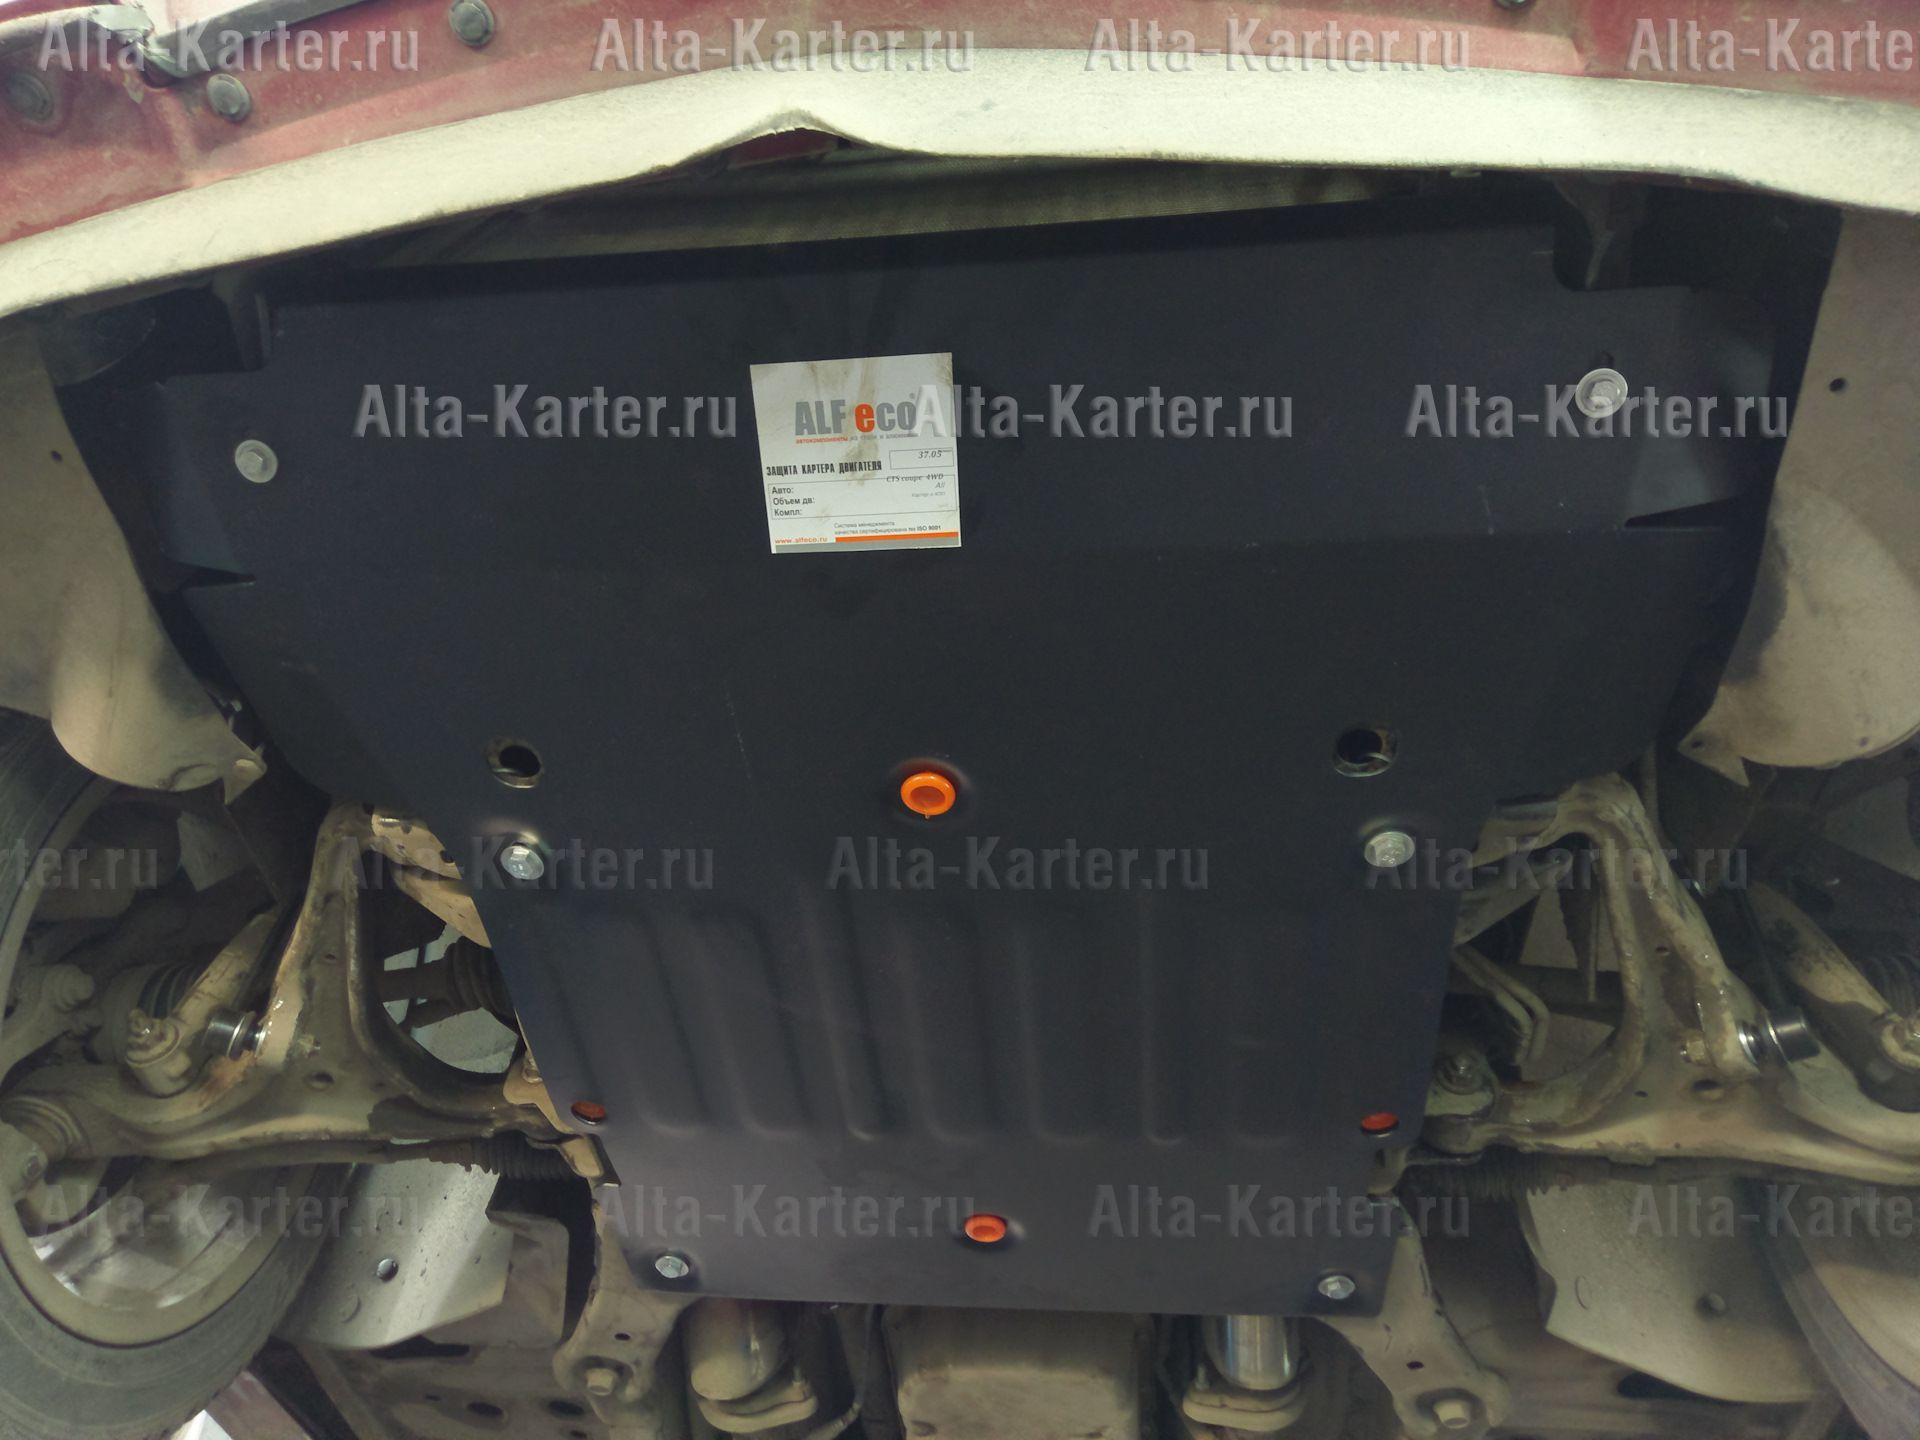 Защита Alfeco для картера и КПП Cadillac CTS II купе 4WD 2011-2013. Артикул ALF.37.05